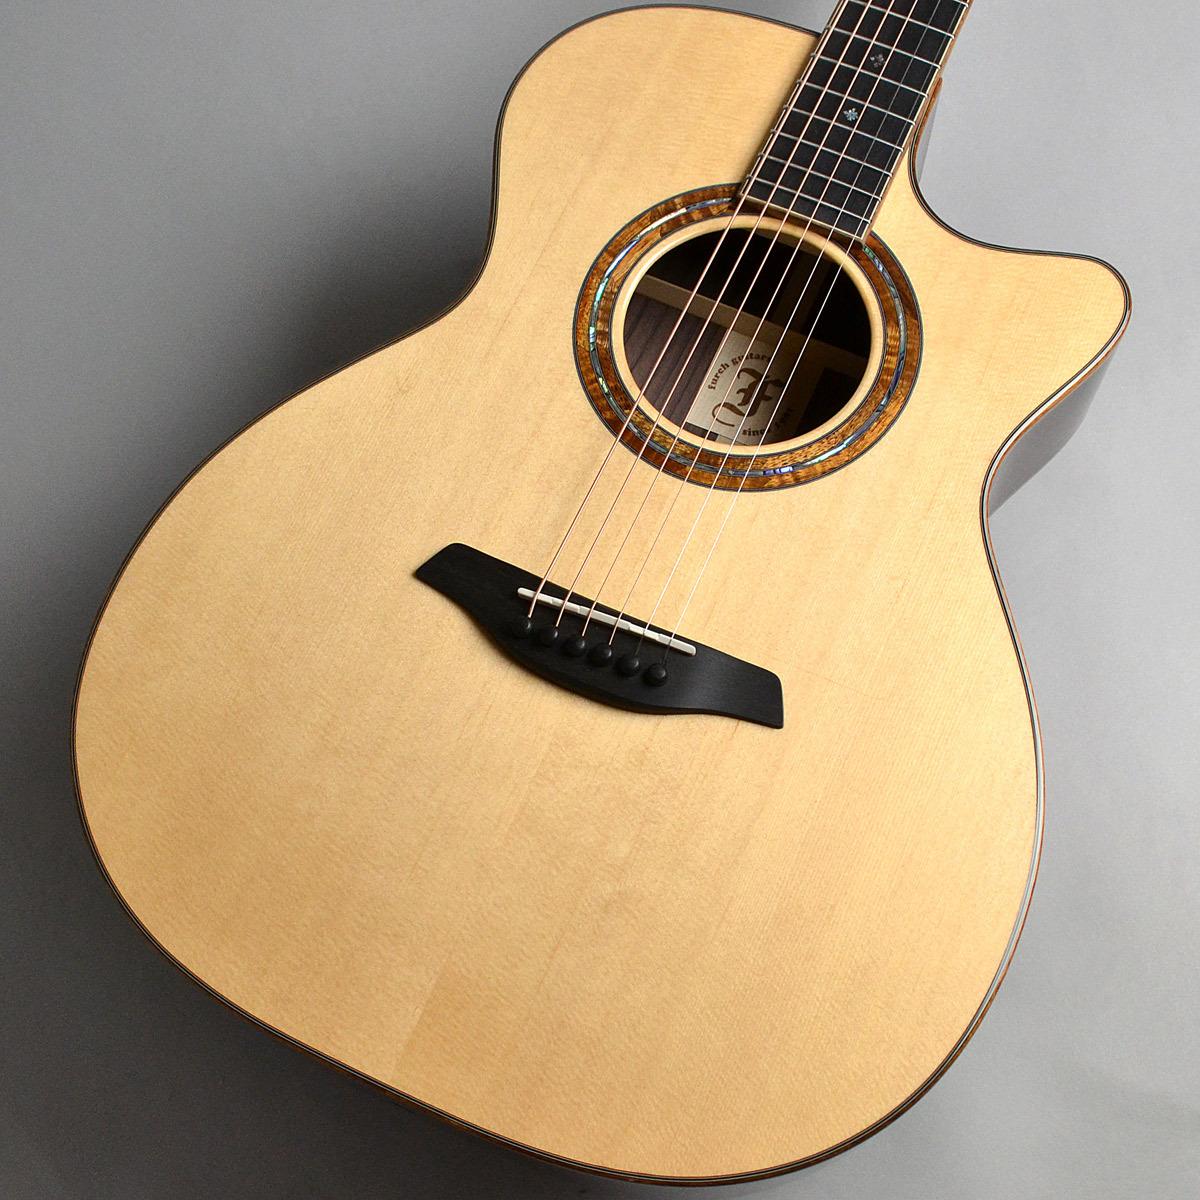 FURCH OM27-SRCT Custom アコースティックギター 【フォルヒ】【新宿PePe店】【限定モデル】